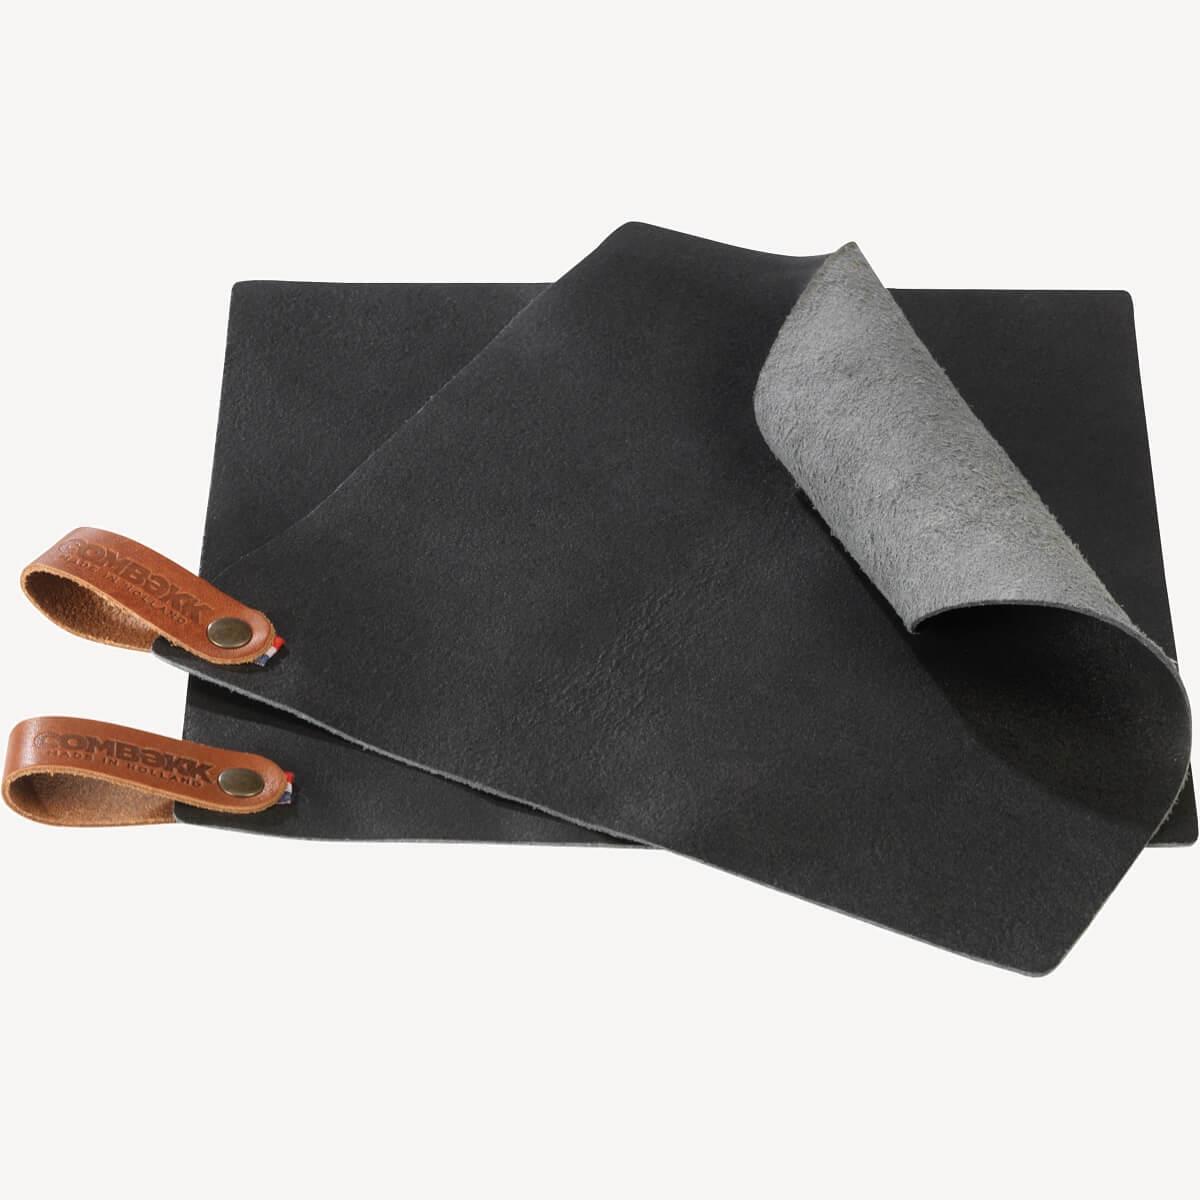 Pot Holder Leather - set of 2 Black